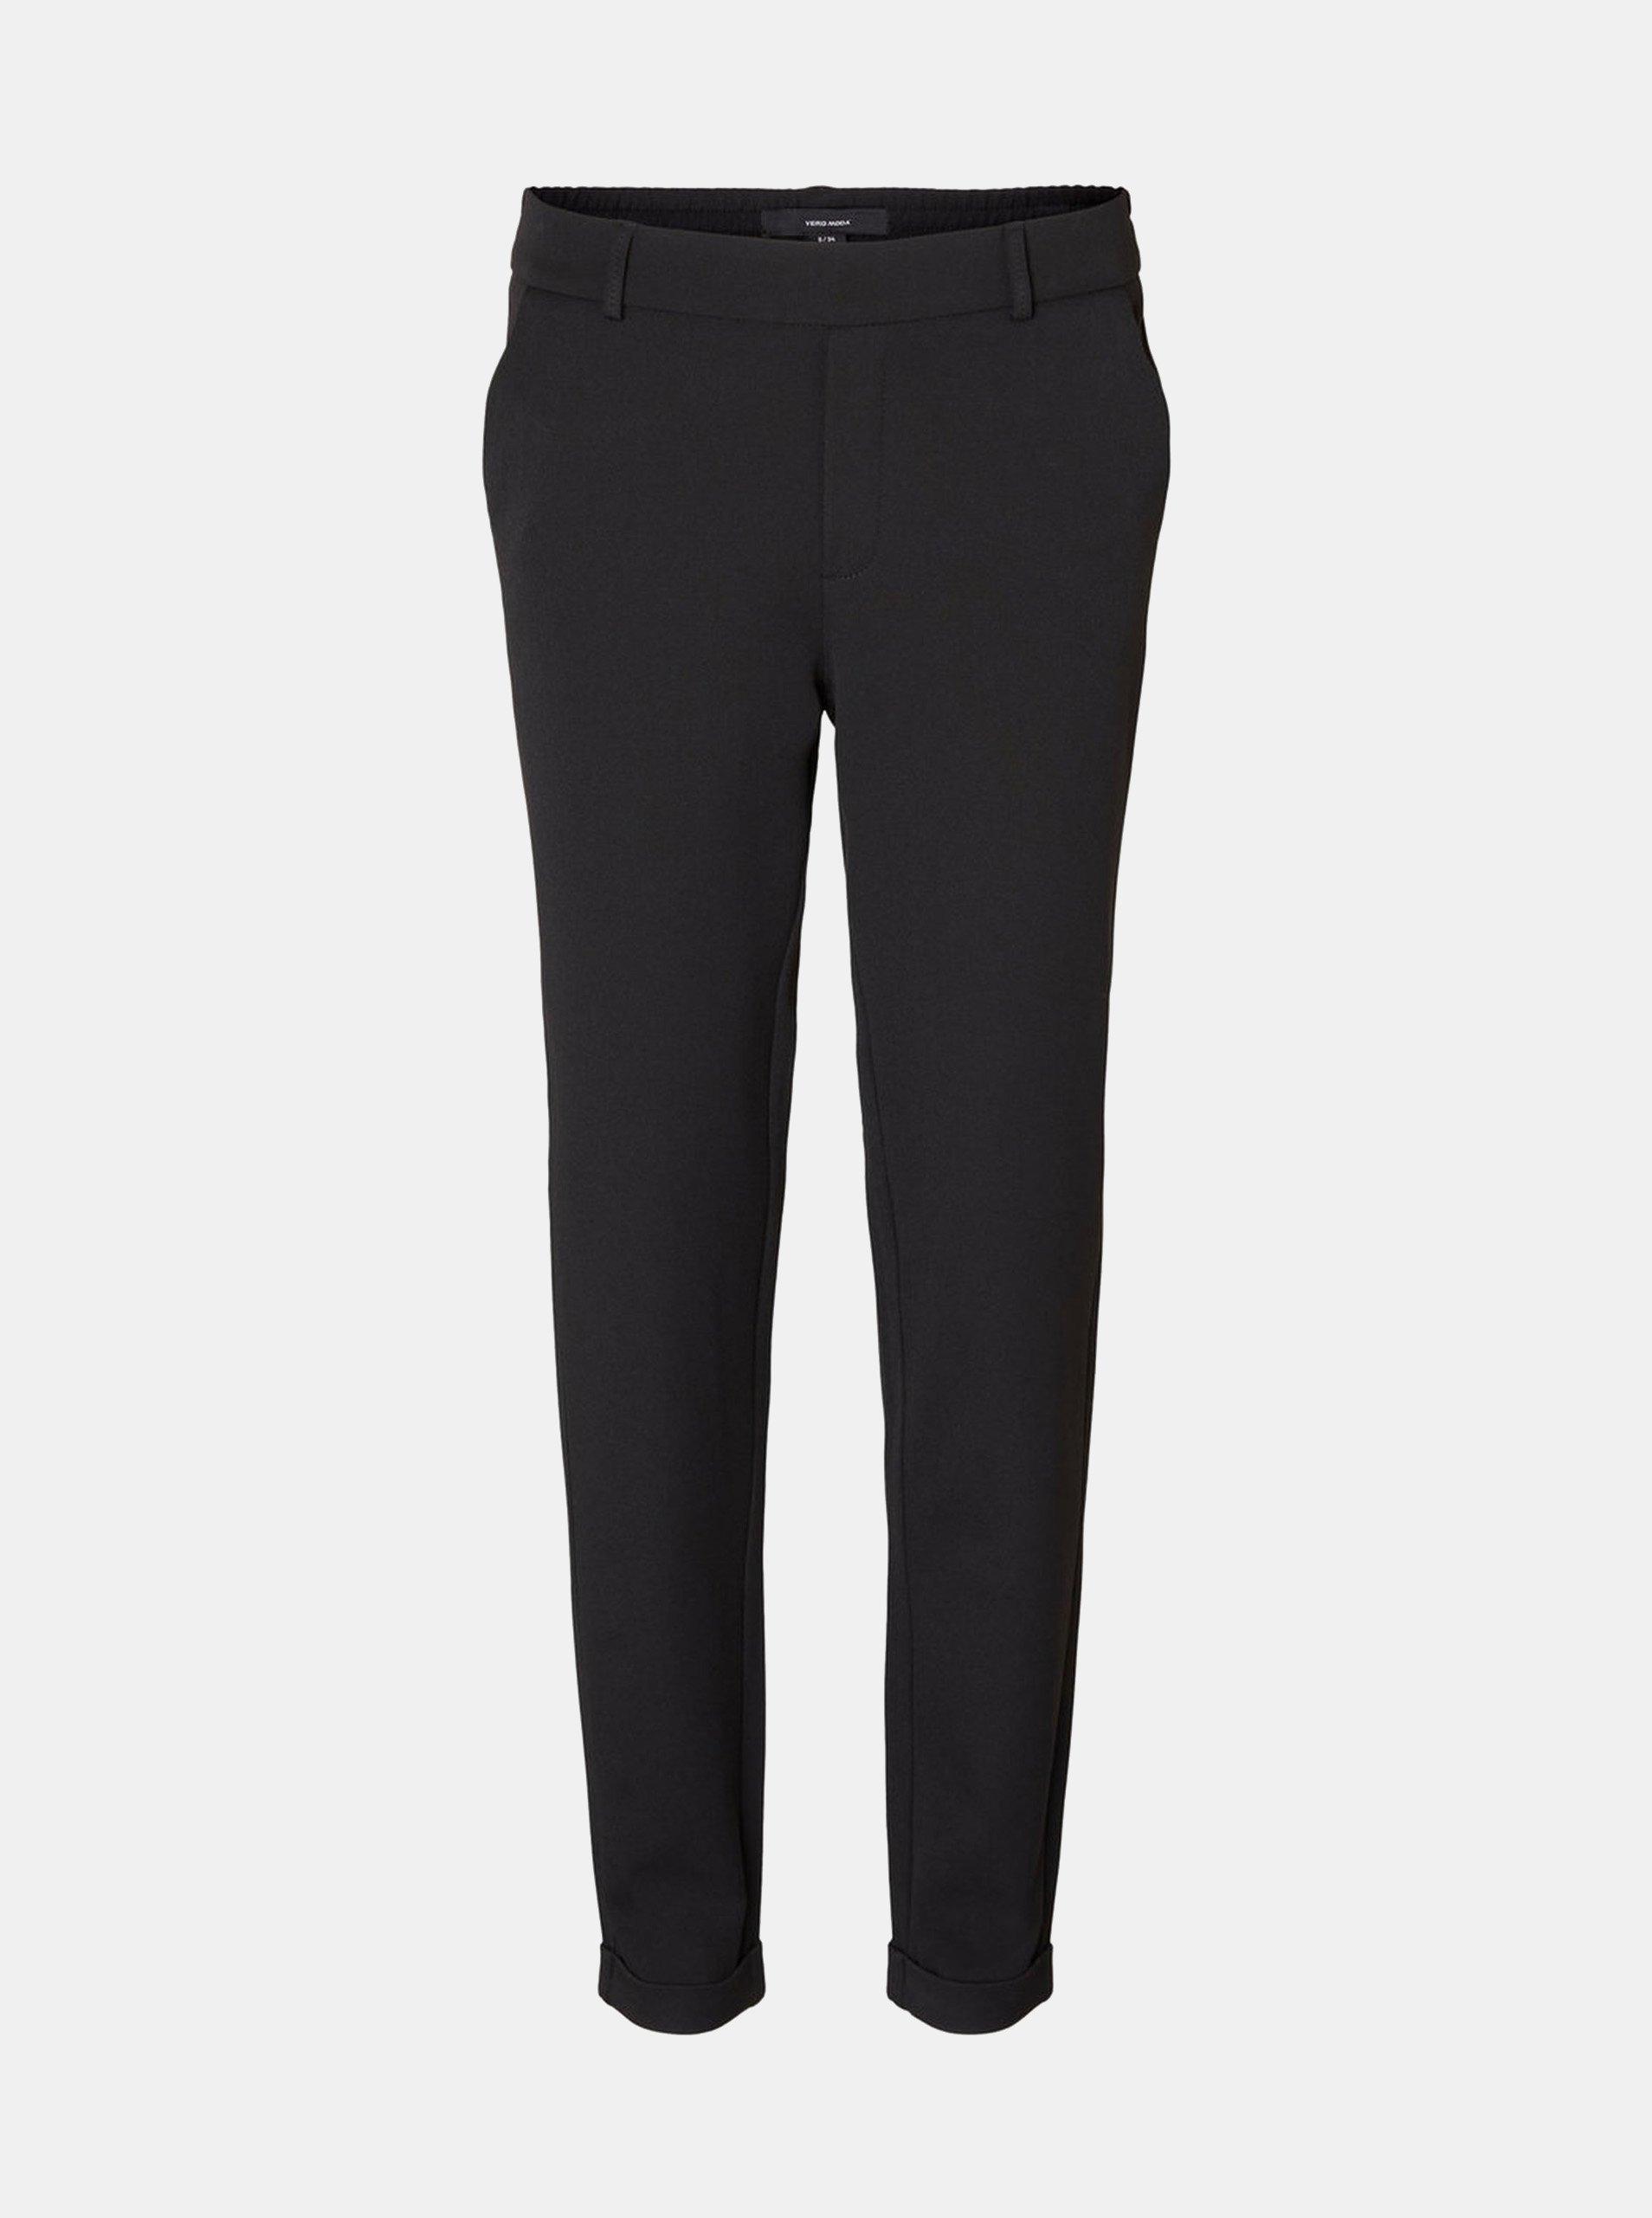 Černé kalhoty s elastickým pasem VERO MODA Maya 2b8284234a